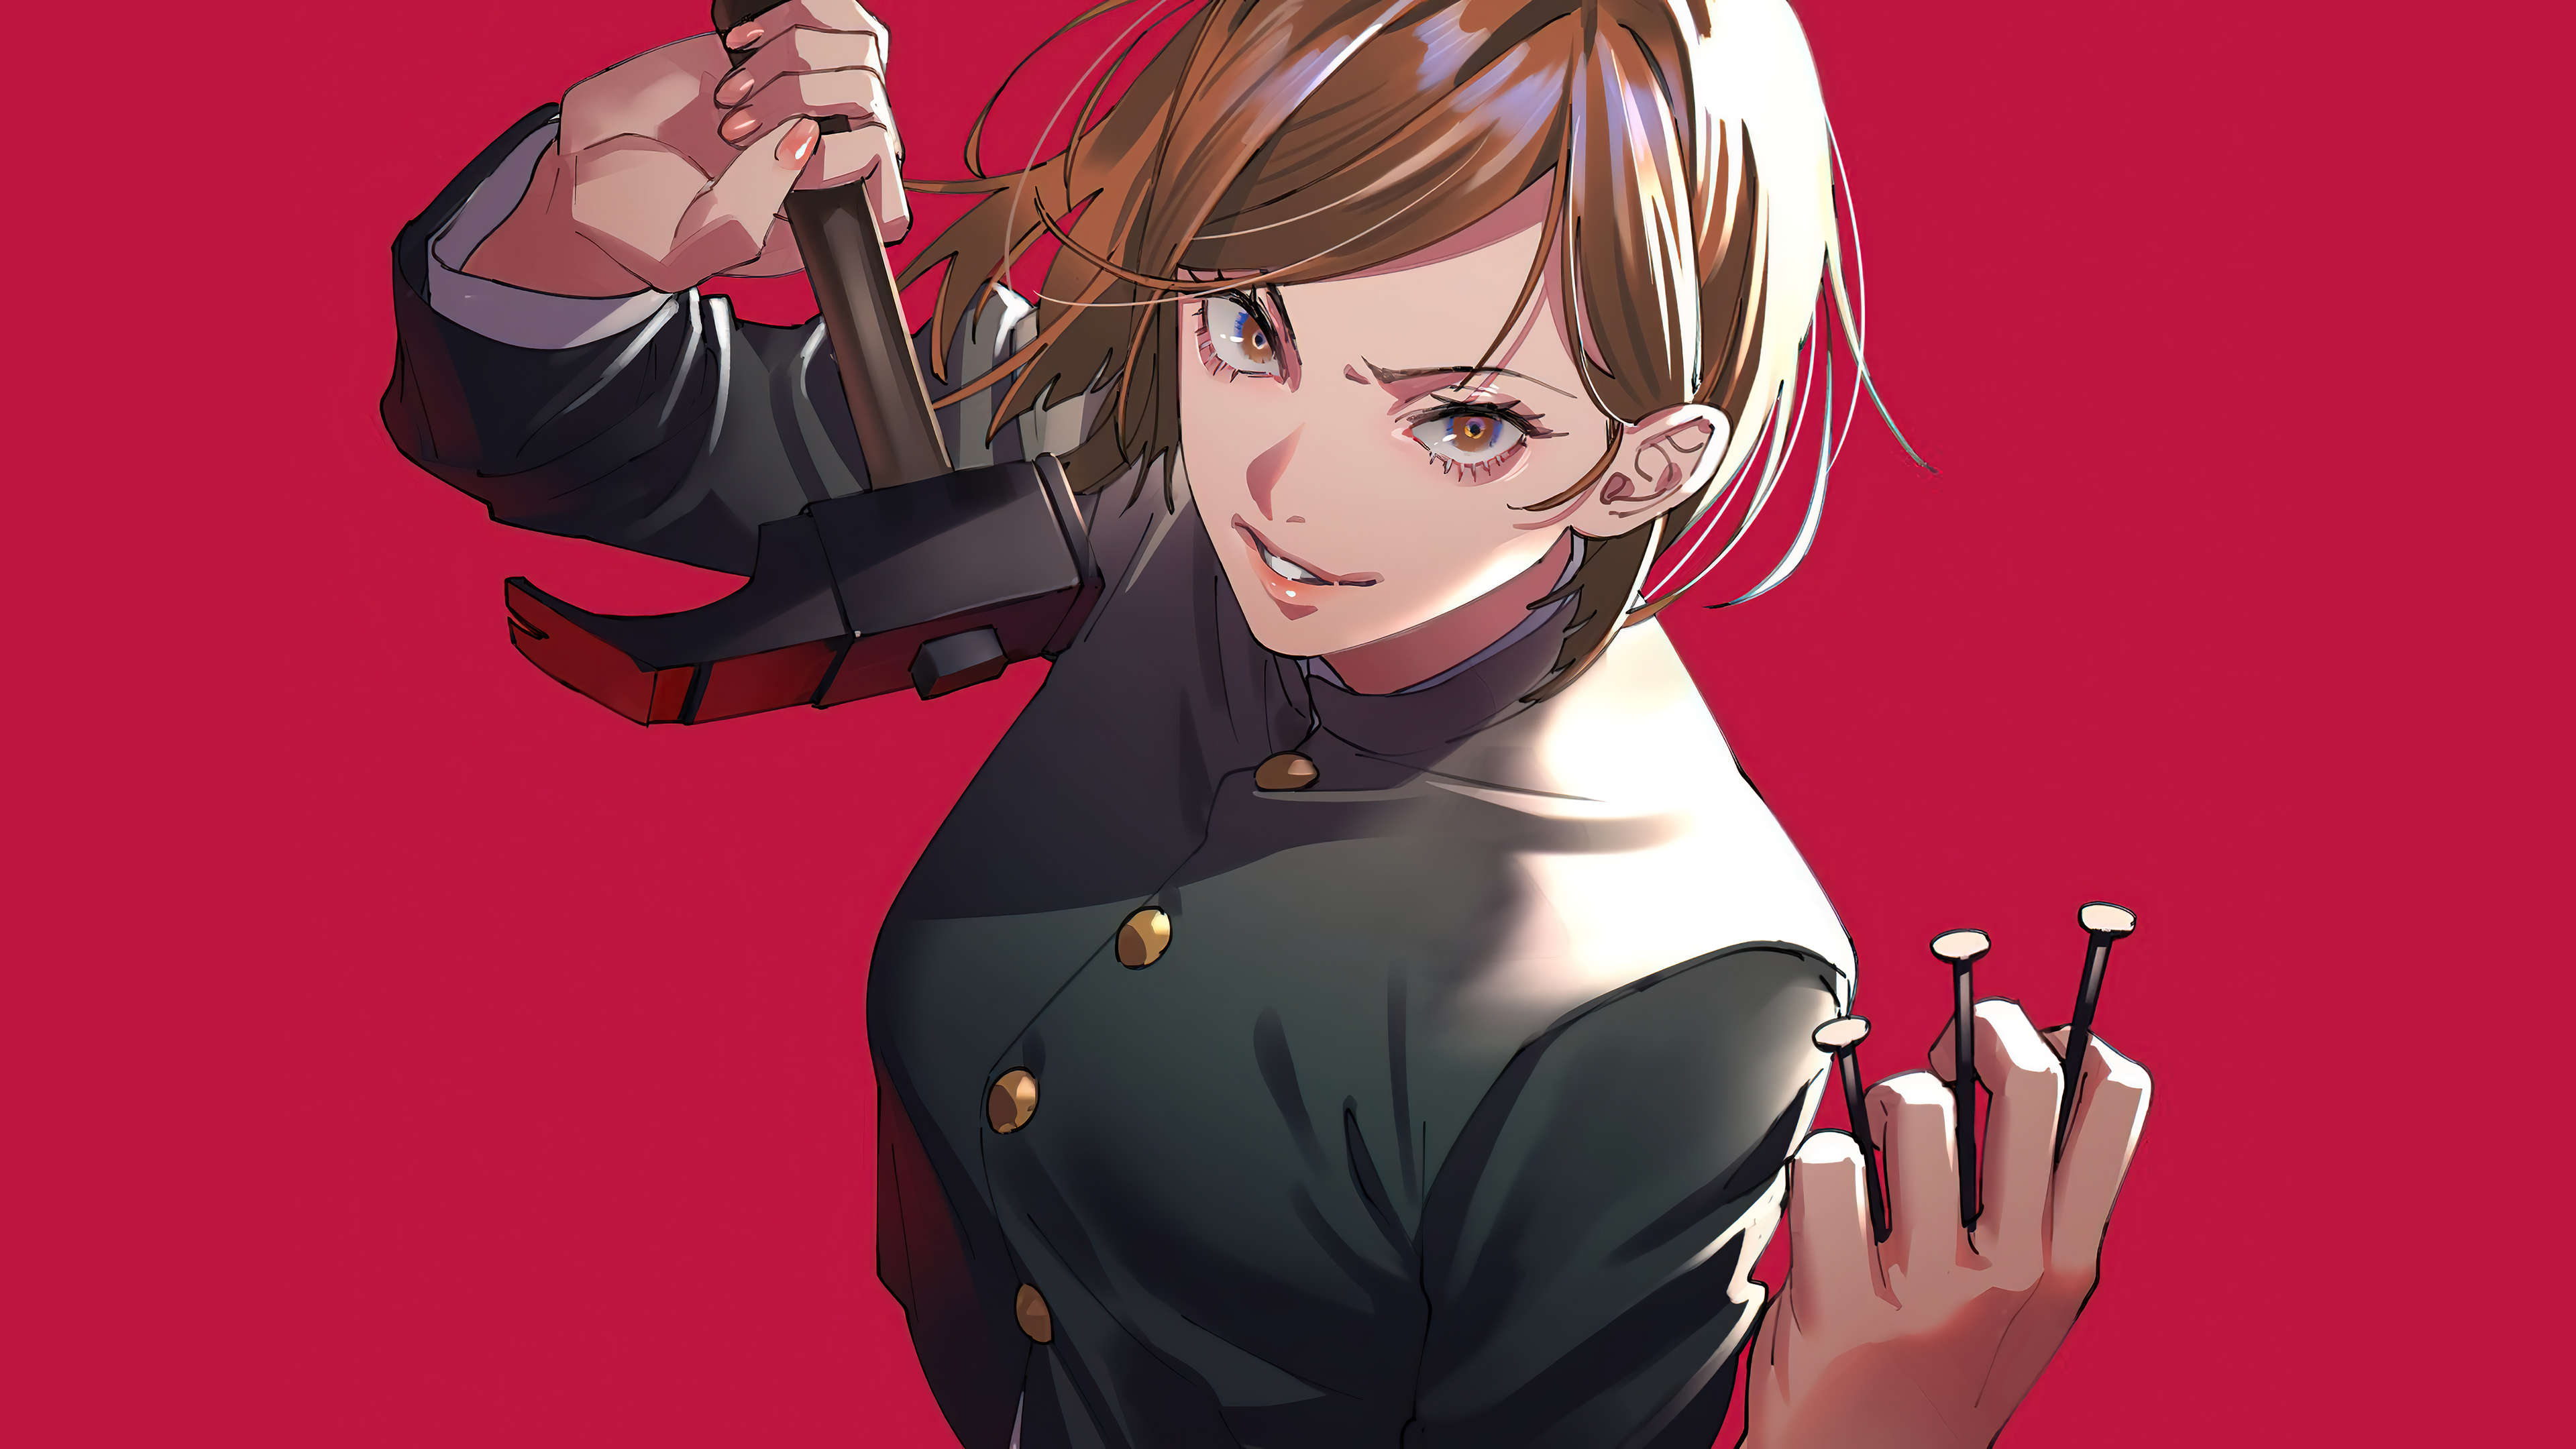 Nobara Kugisaki de Jujutsu Kaisen Anime Fondo de pantalla ...